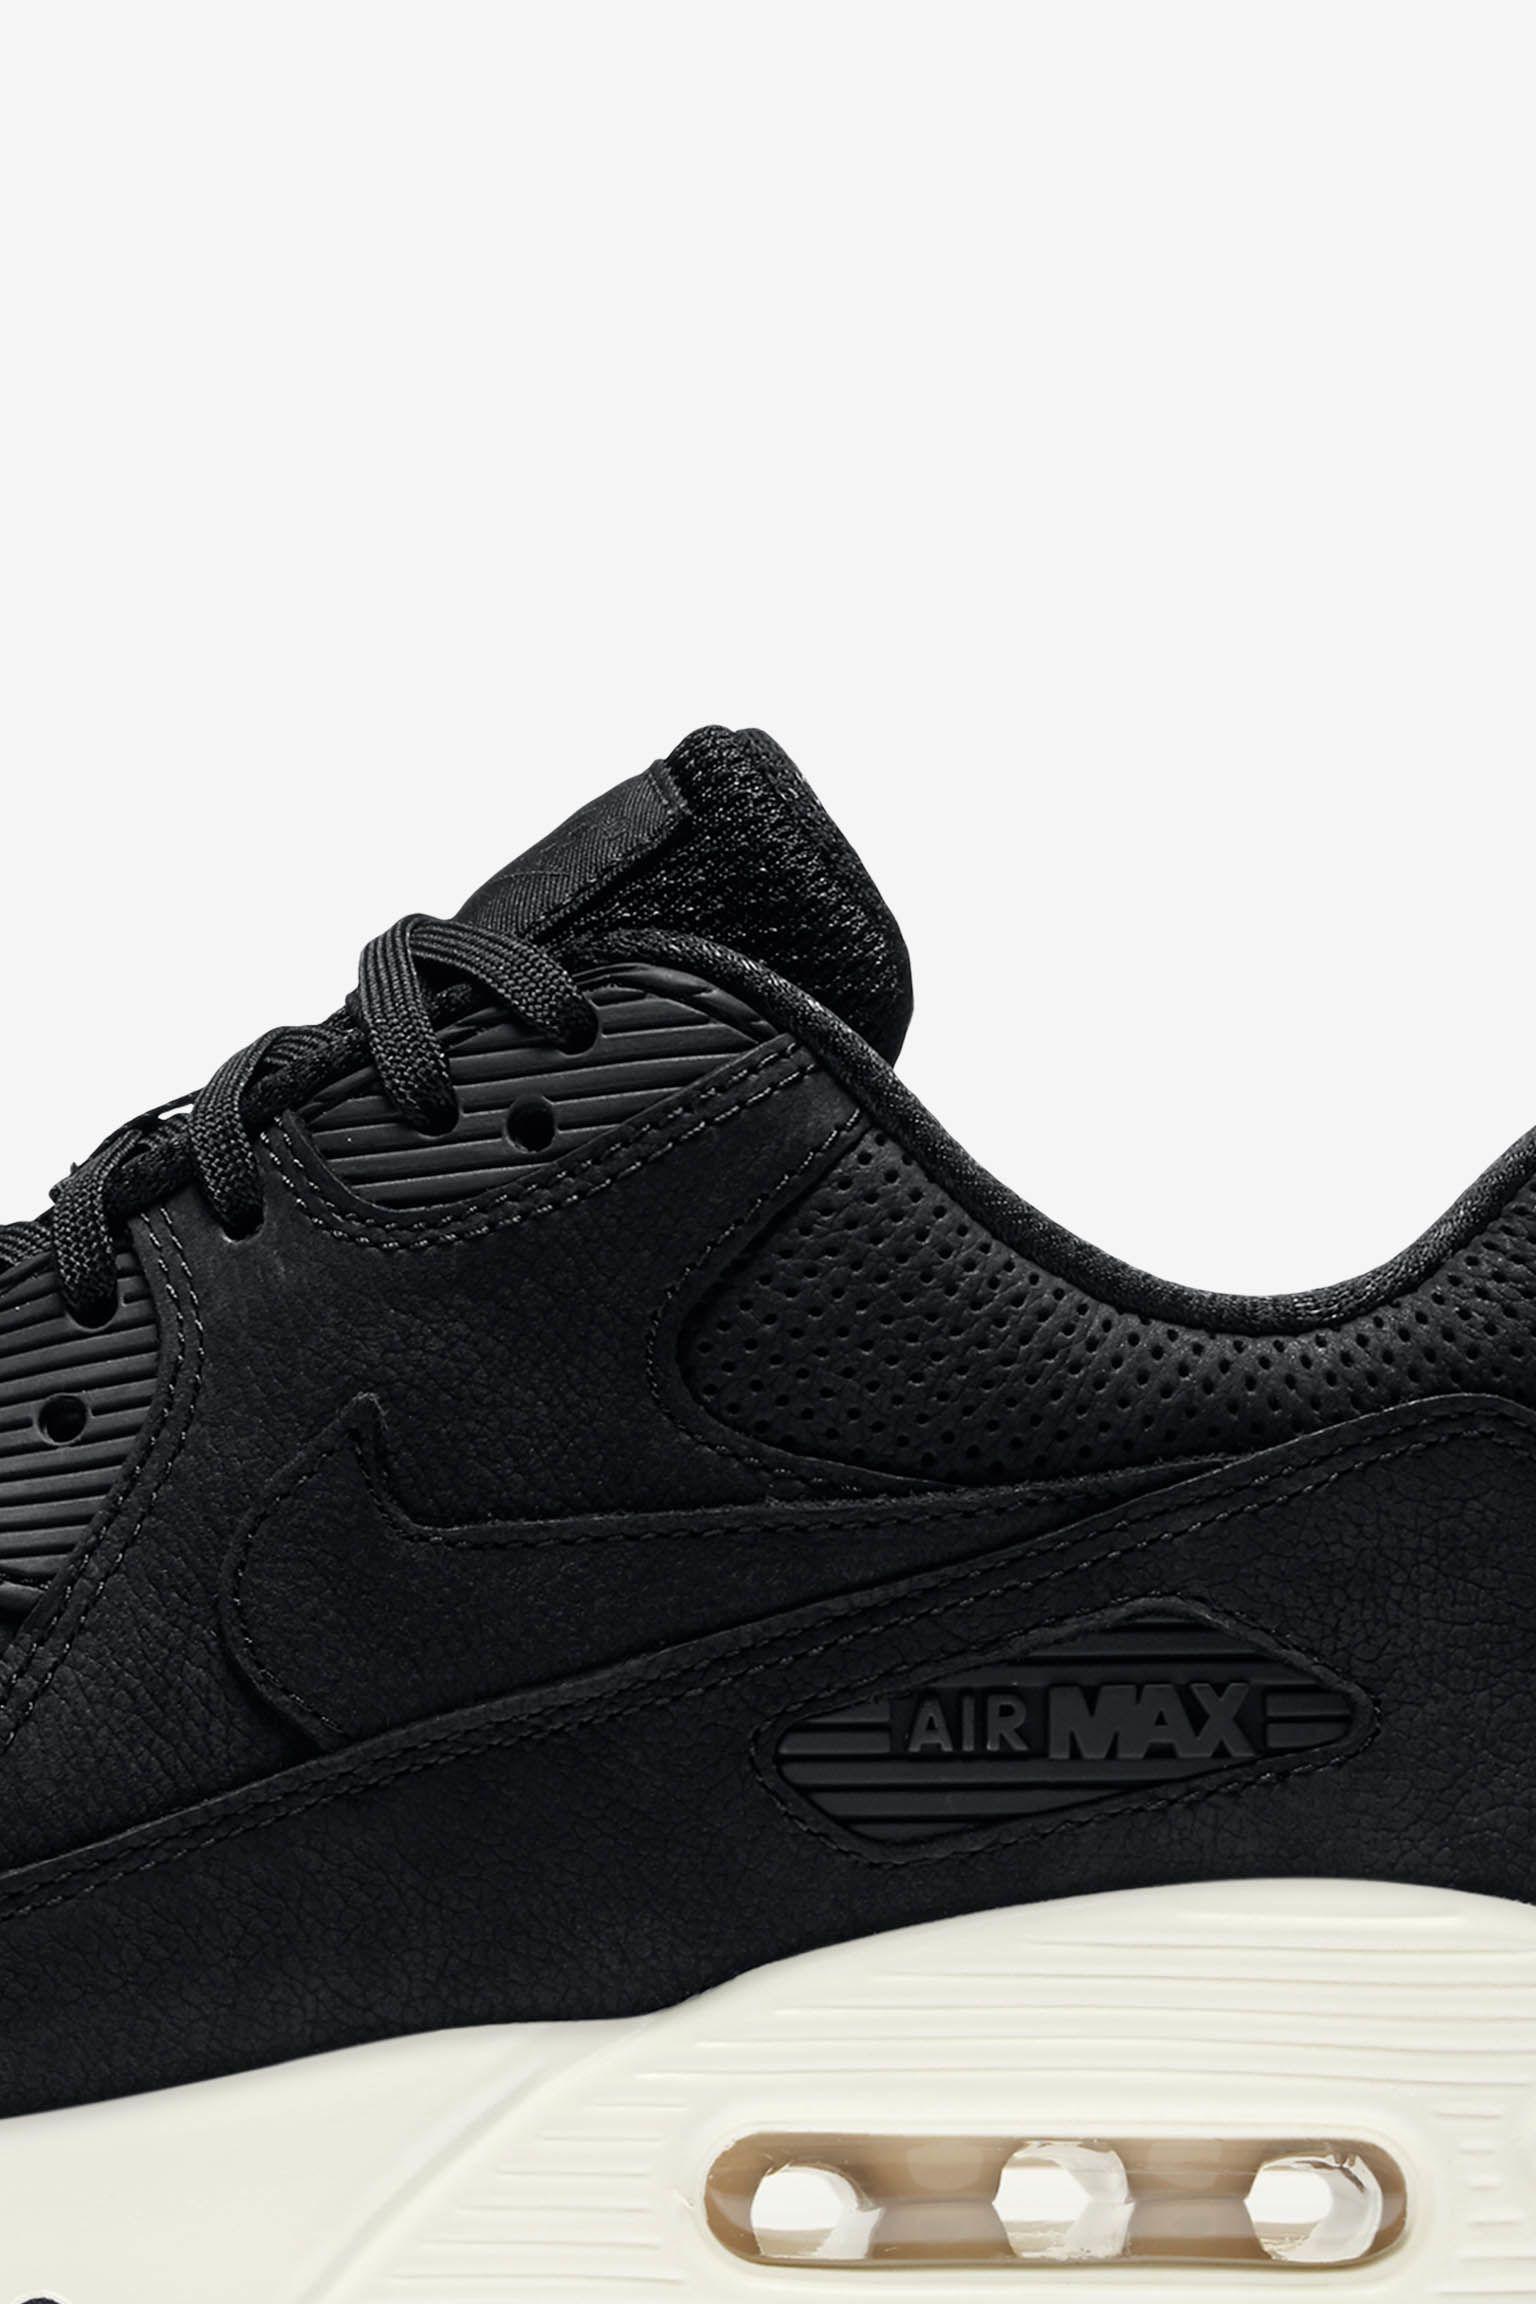 8353c669254 Nike Air Max 90 Pinnacle  Black  amp  Sail . Nike+ Launch GB